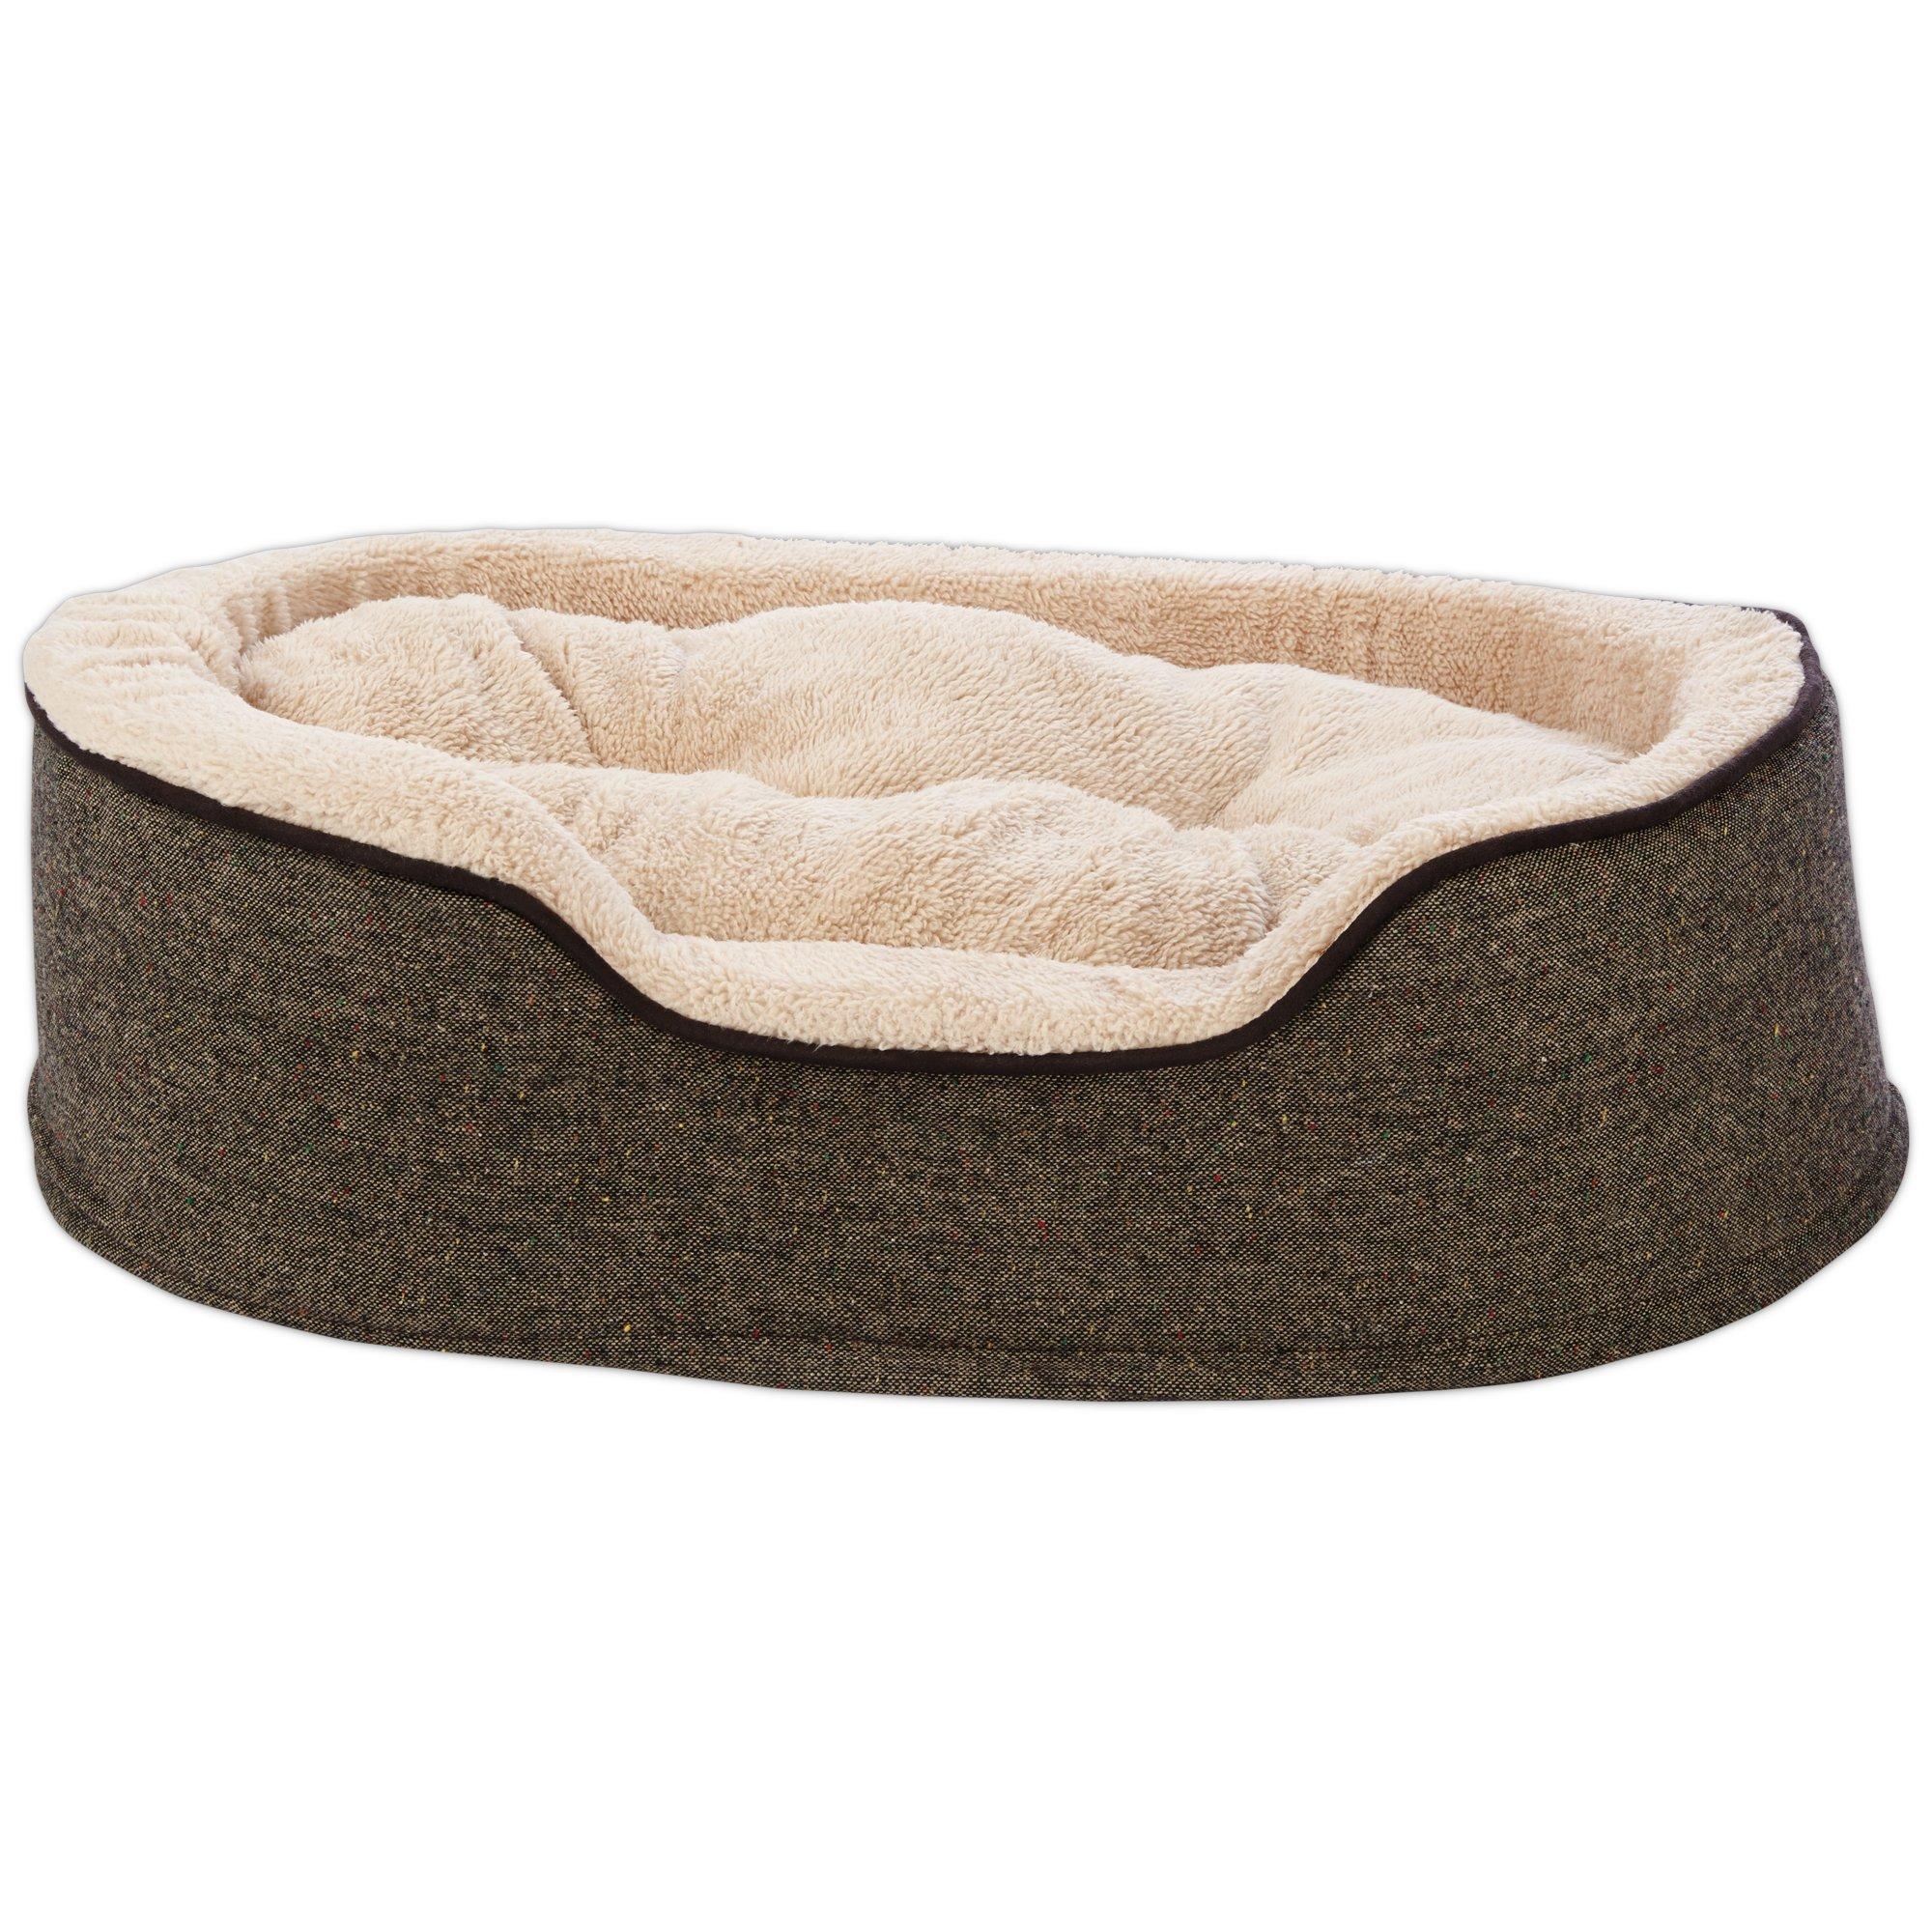 Harmony Gold Orthopedic Cuddler Dog Bed